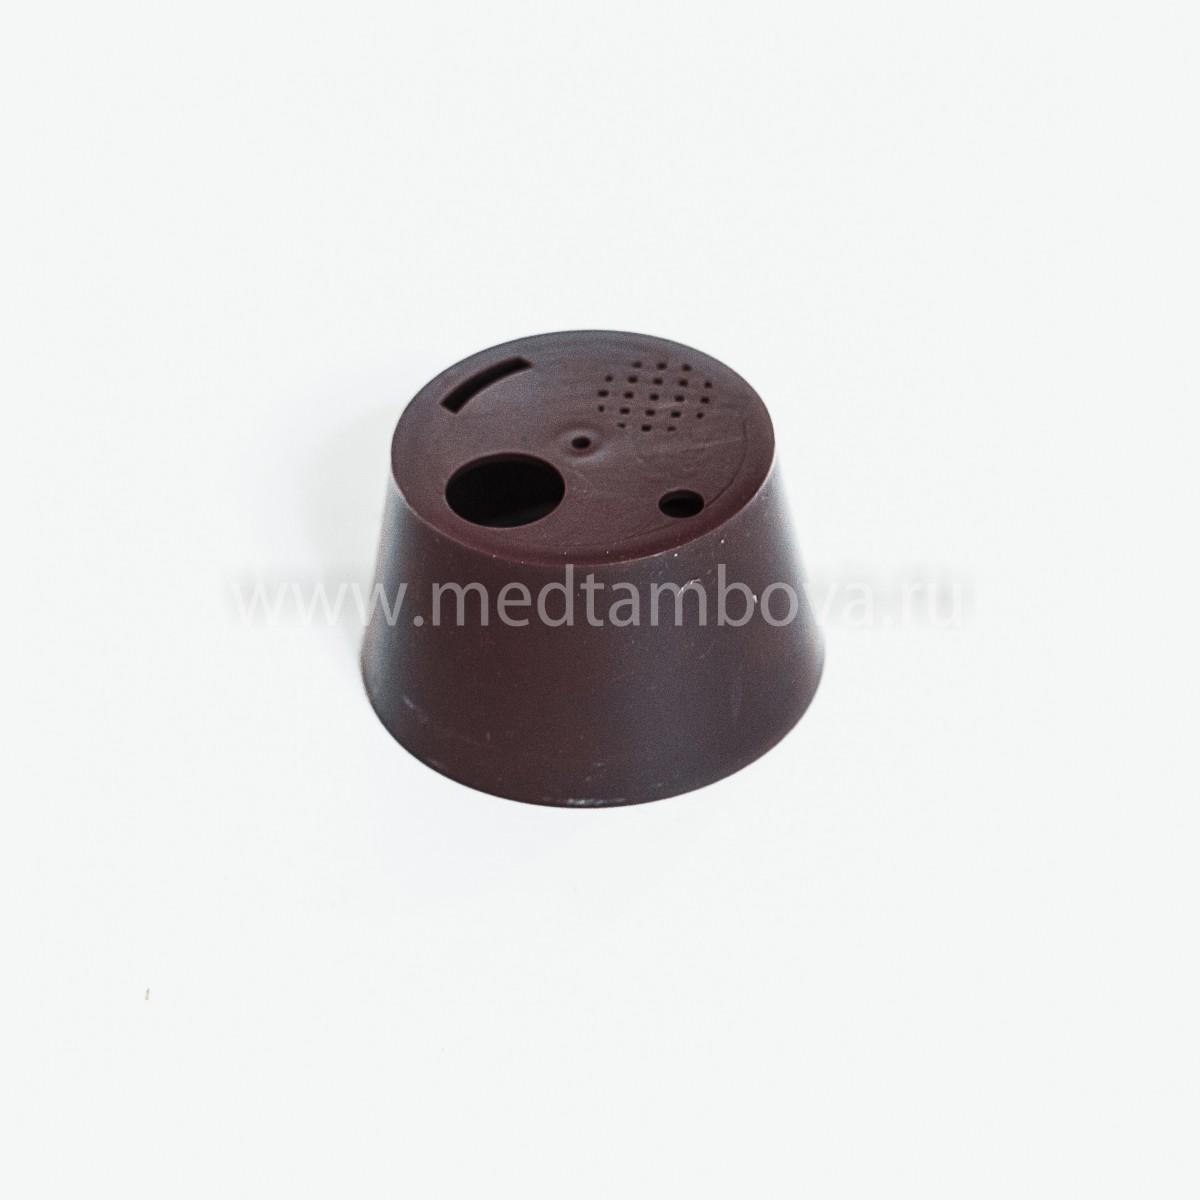 Летковый заградитель круглый 4-Х секционный пластмассовый глубокий